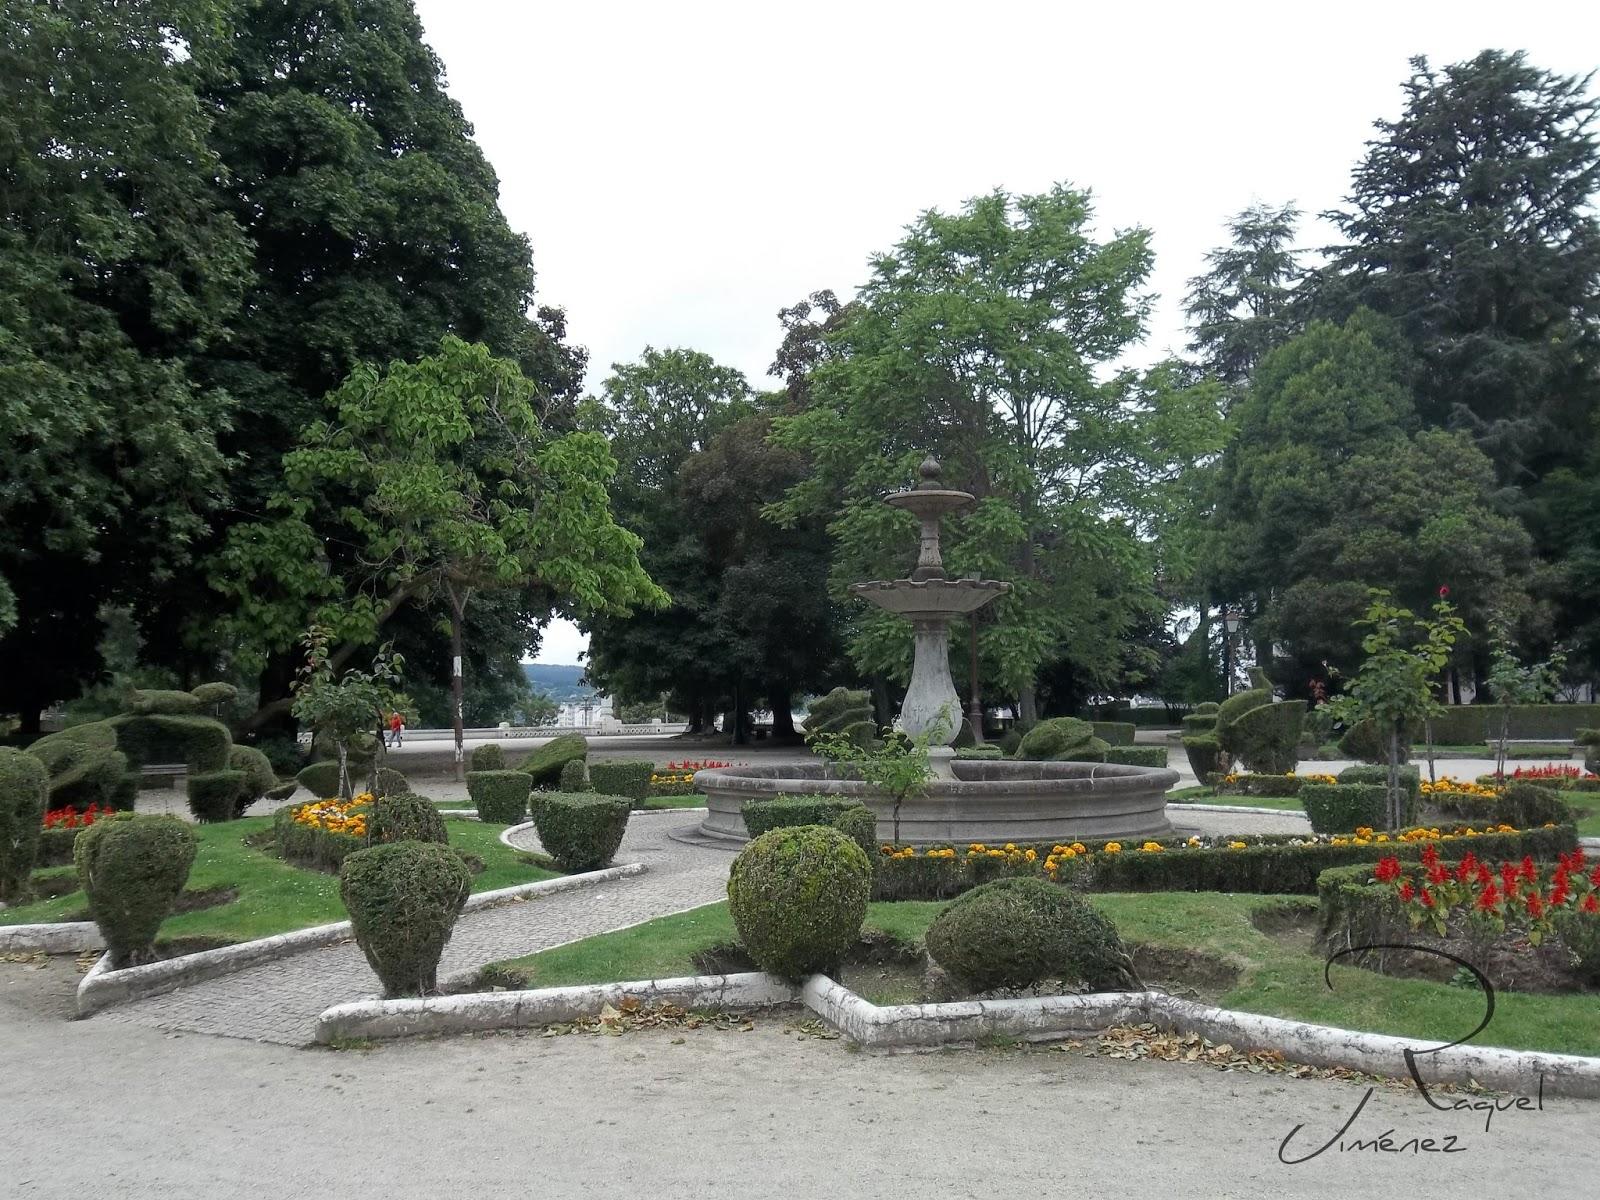 Parque rosalia de Castro